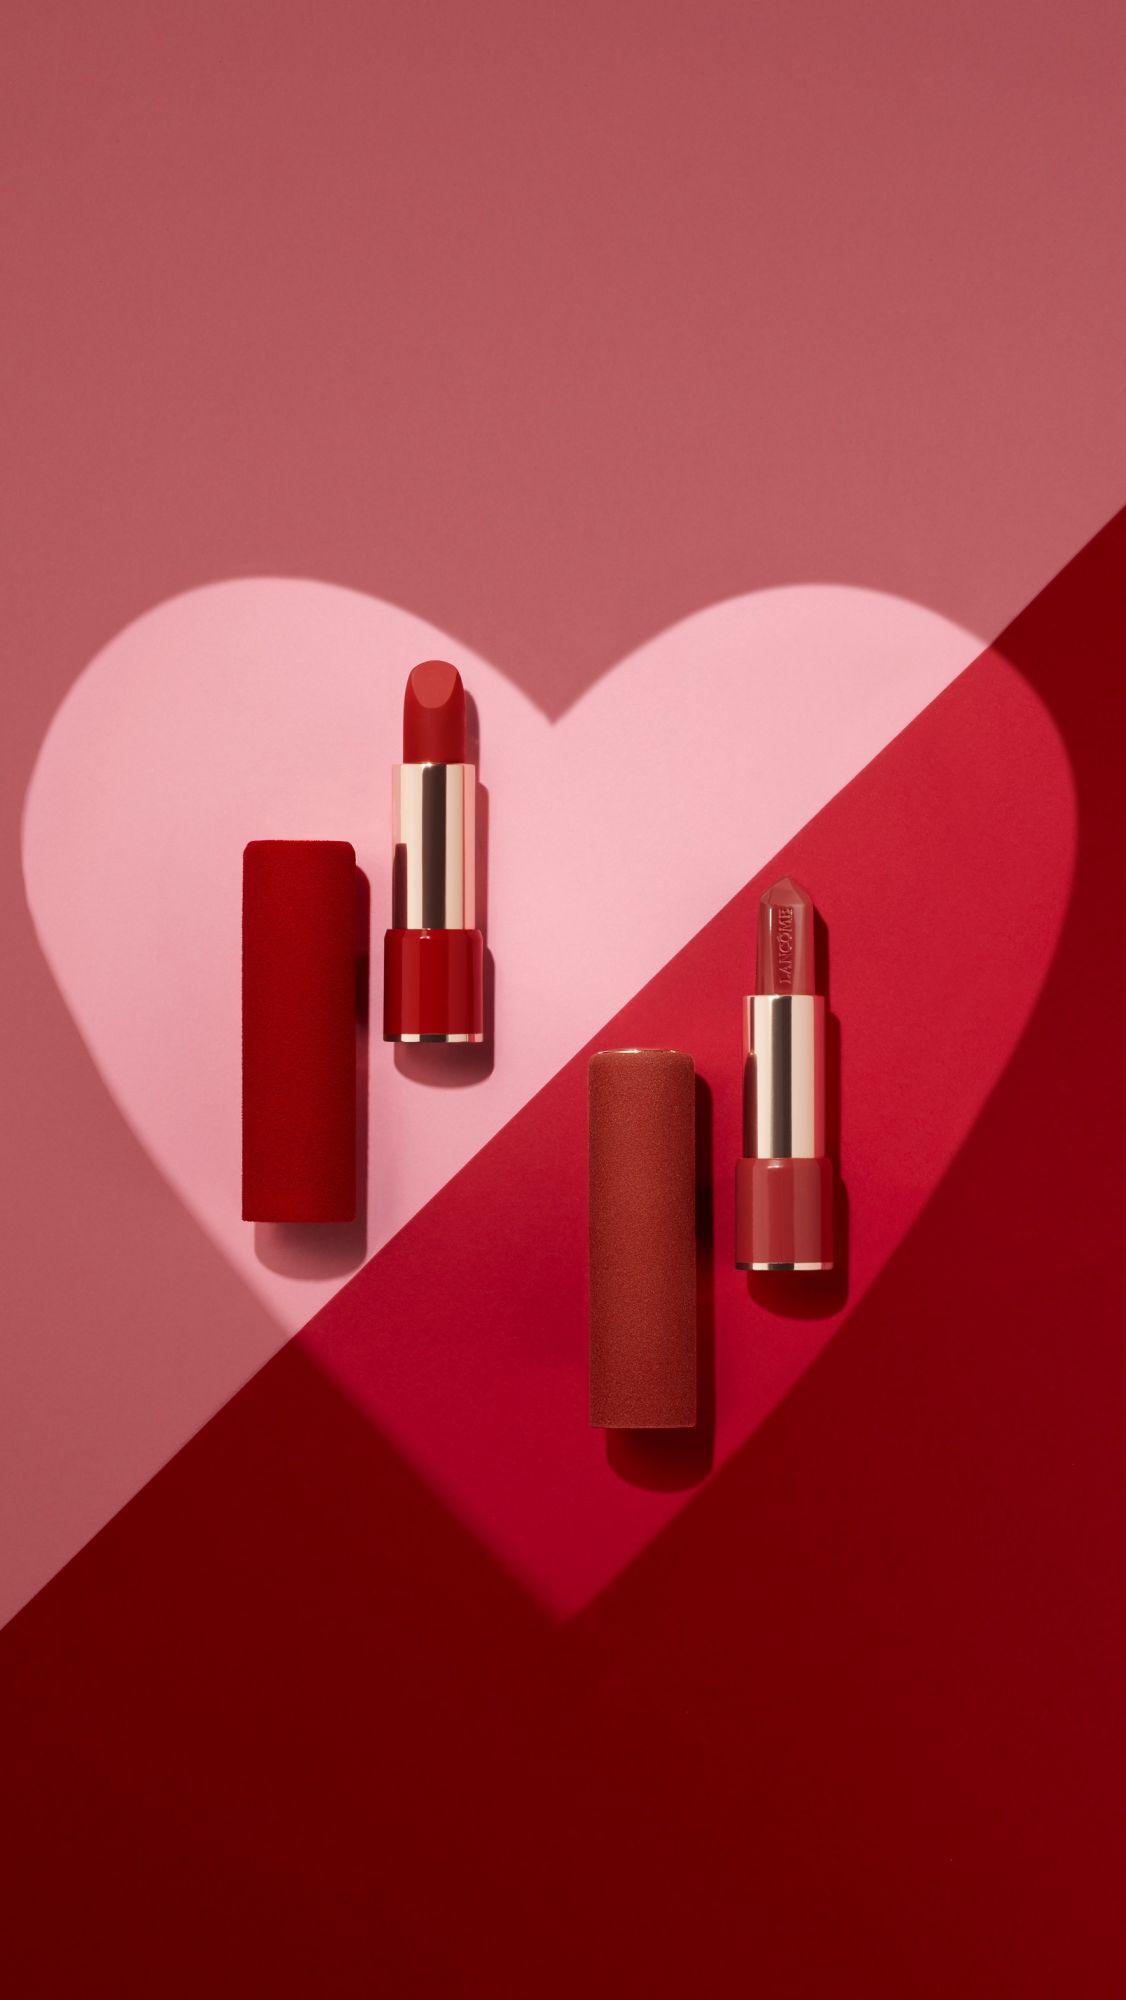 就用垂涎欲滴的紅唇征服整場浪漫晚餐!2020情人節5支可愛、性感兼具「可口紅」唇膏推薦